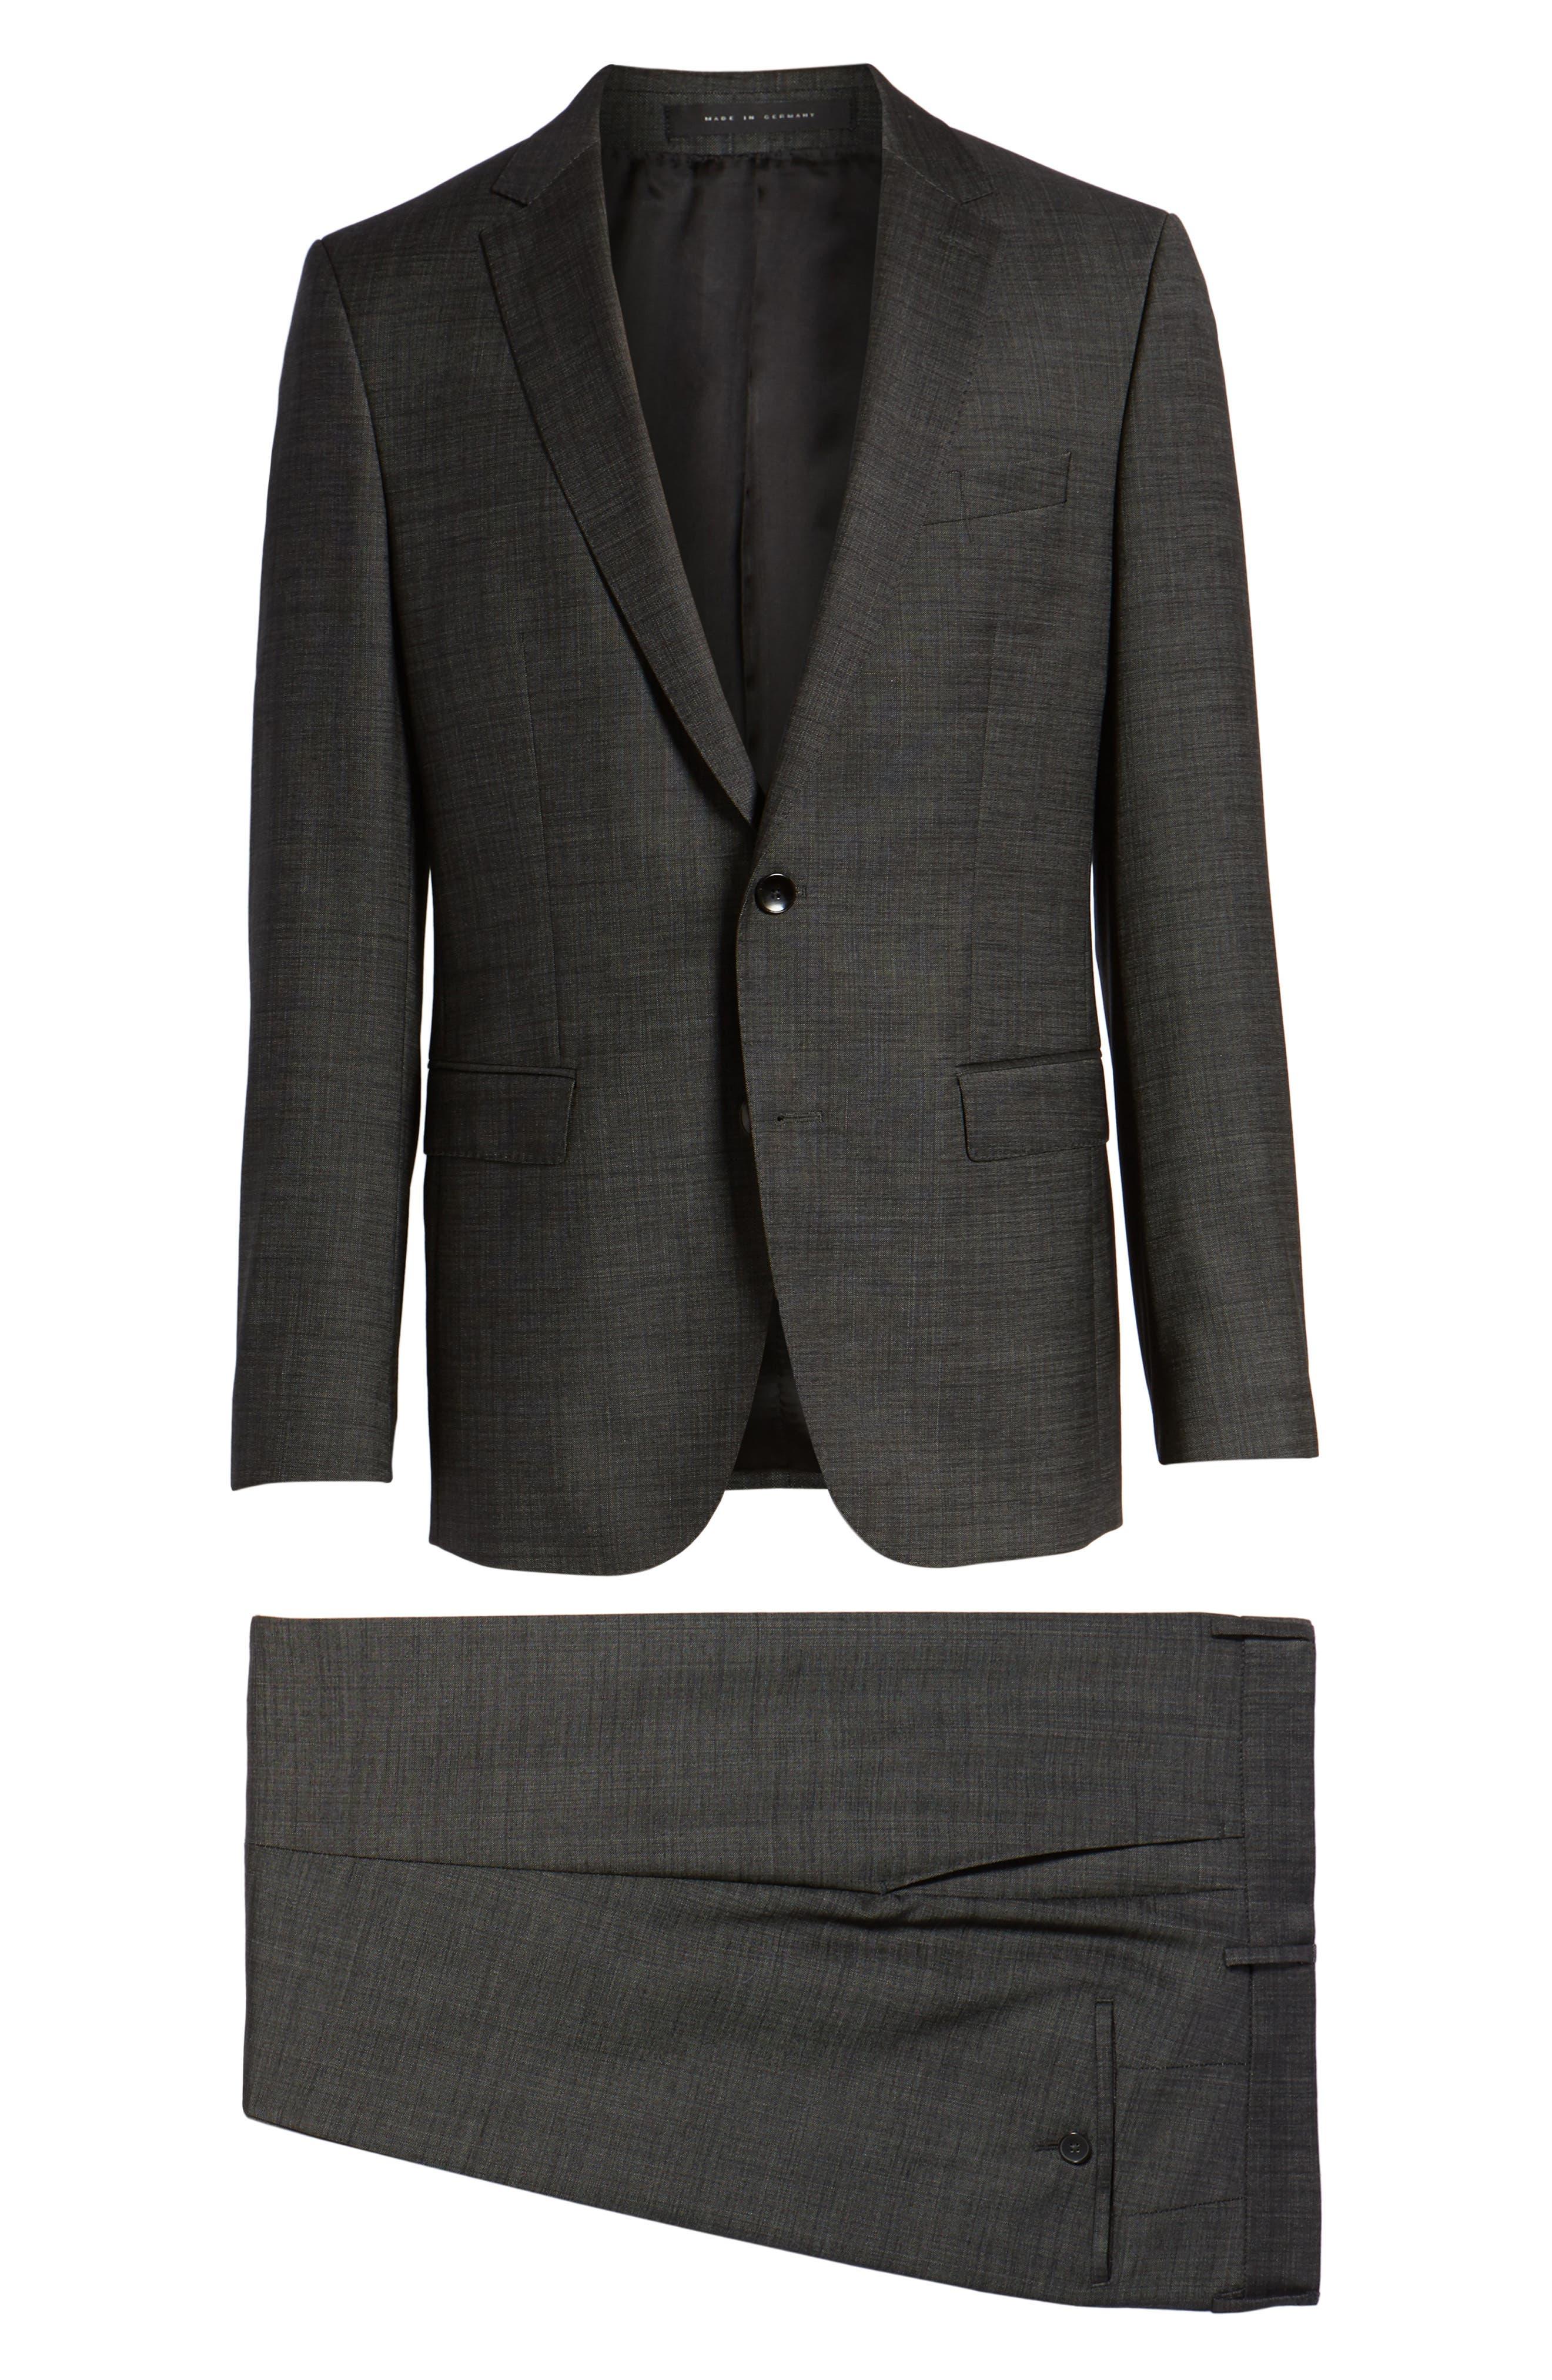 Novan/Ben Trim Fit Solid Wool Suit,                             Alternate thumbnail 8, color,                             Black